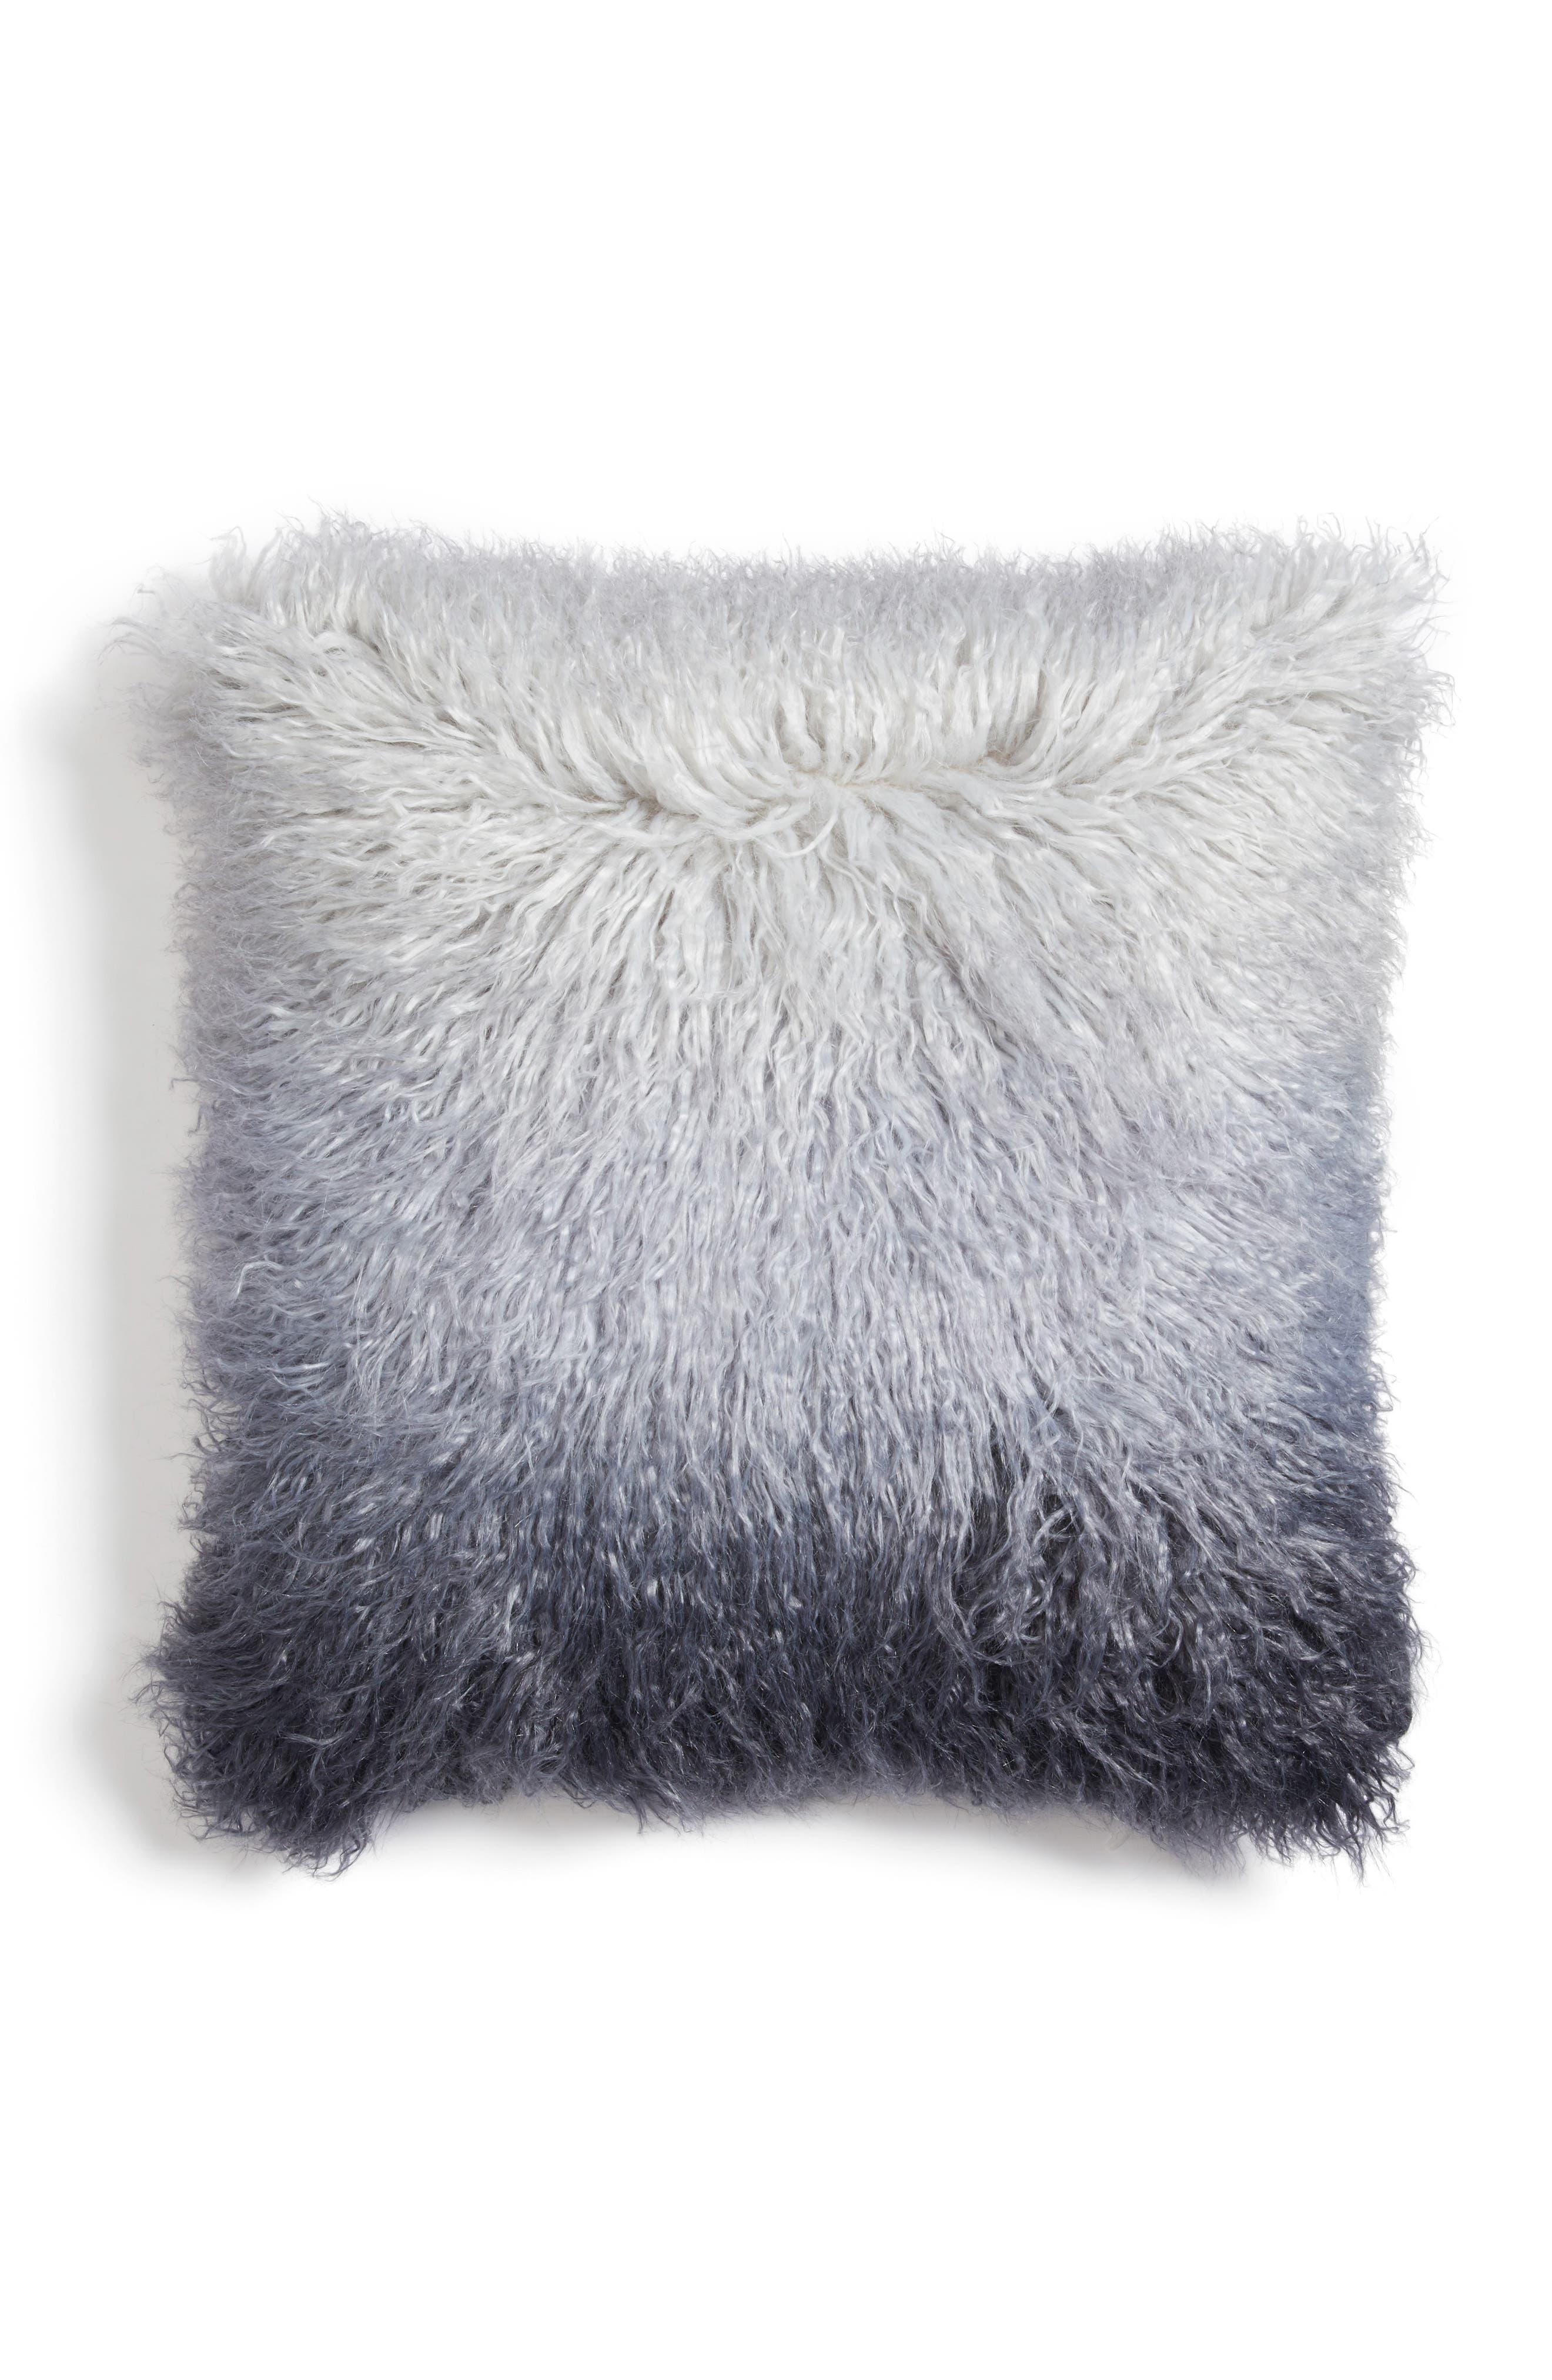 Ombré Faux Fur Flokati Accent Pillow,                             Main thumbnail 3, color,